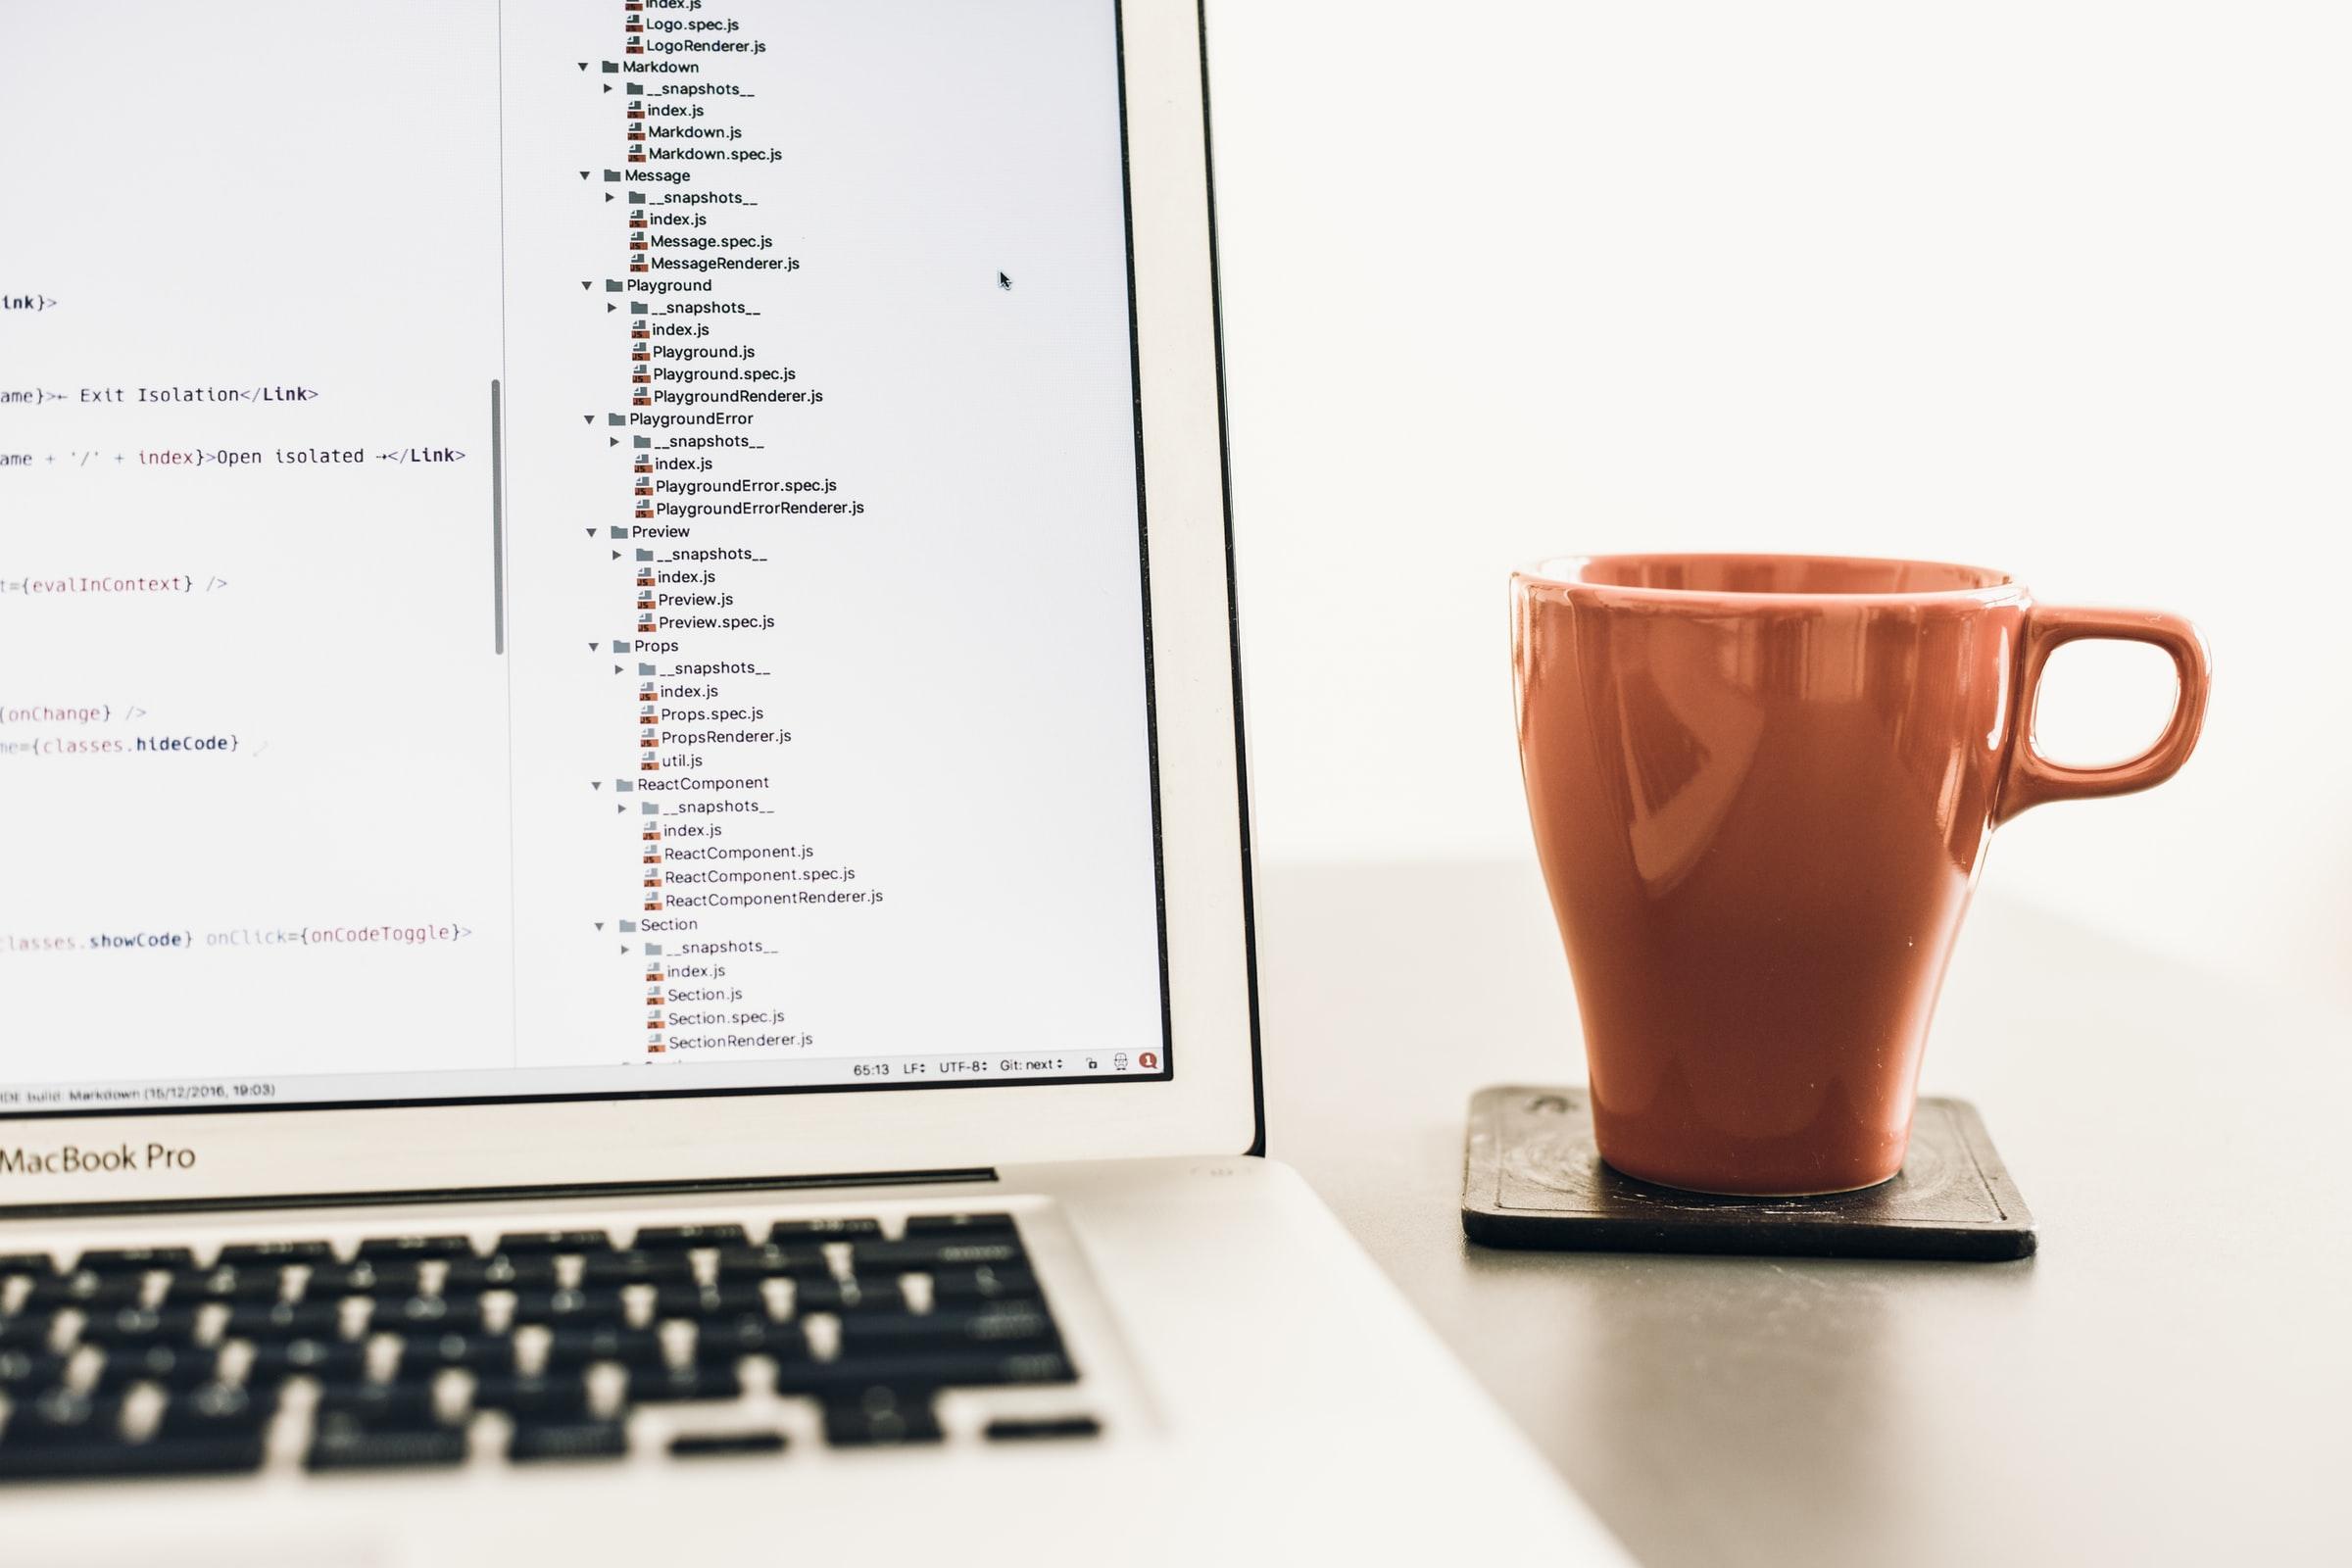 Fotografia dello schermo di un computer. A fianco una tazza